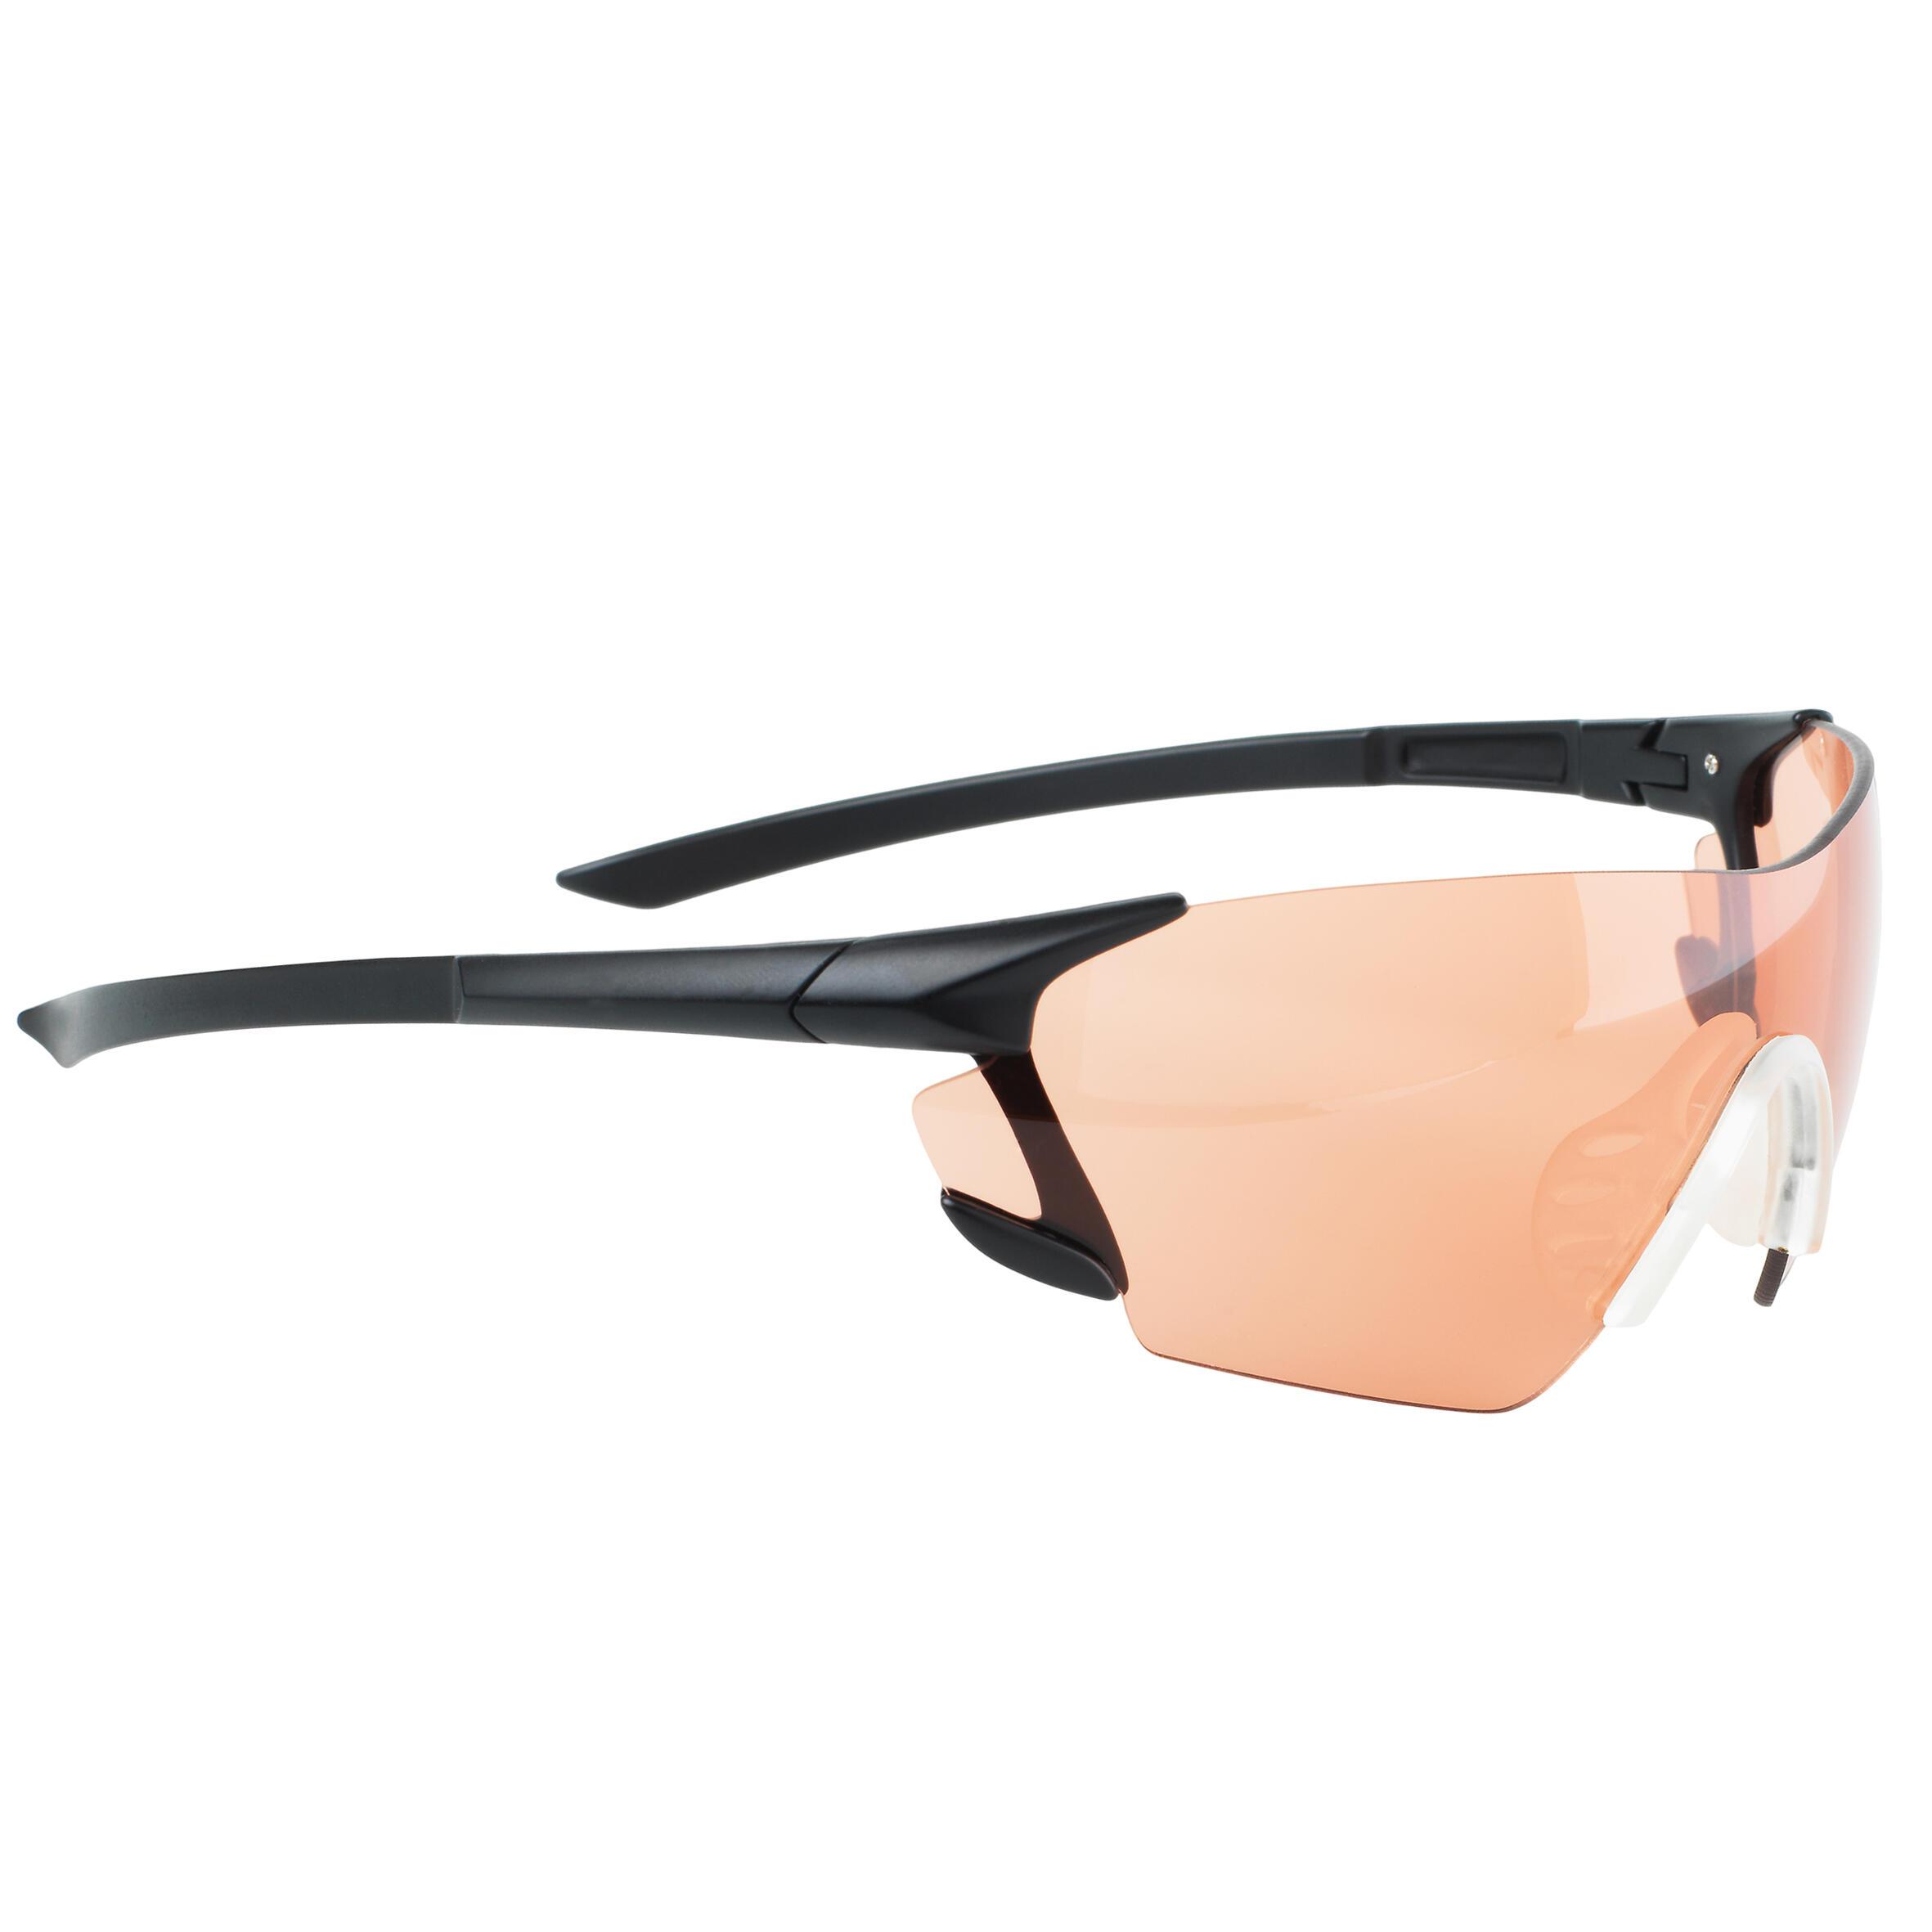 Solognac Schietbril voor kleiduifschieten rood